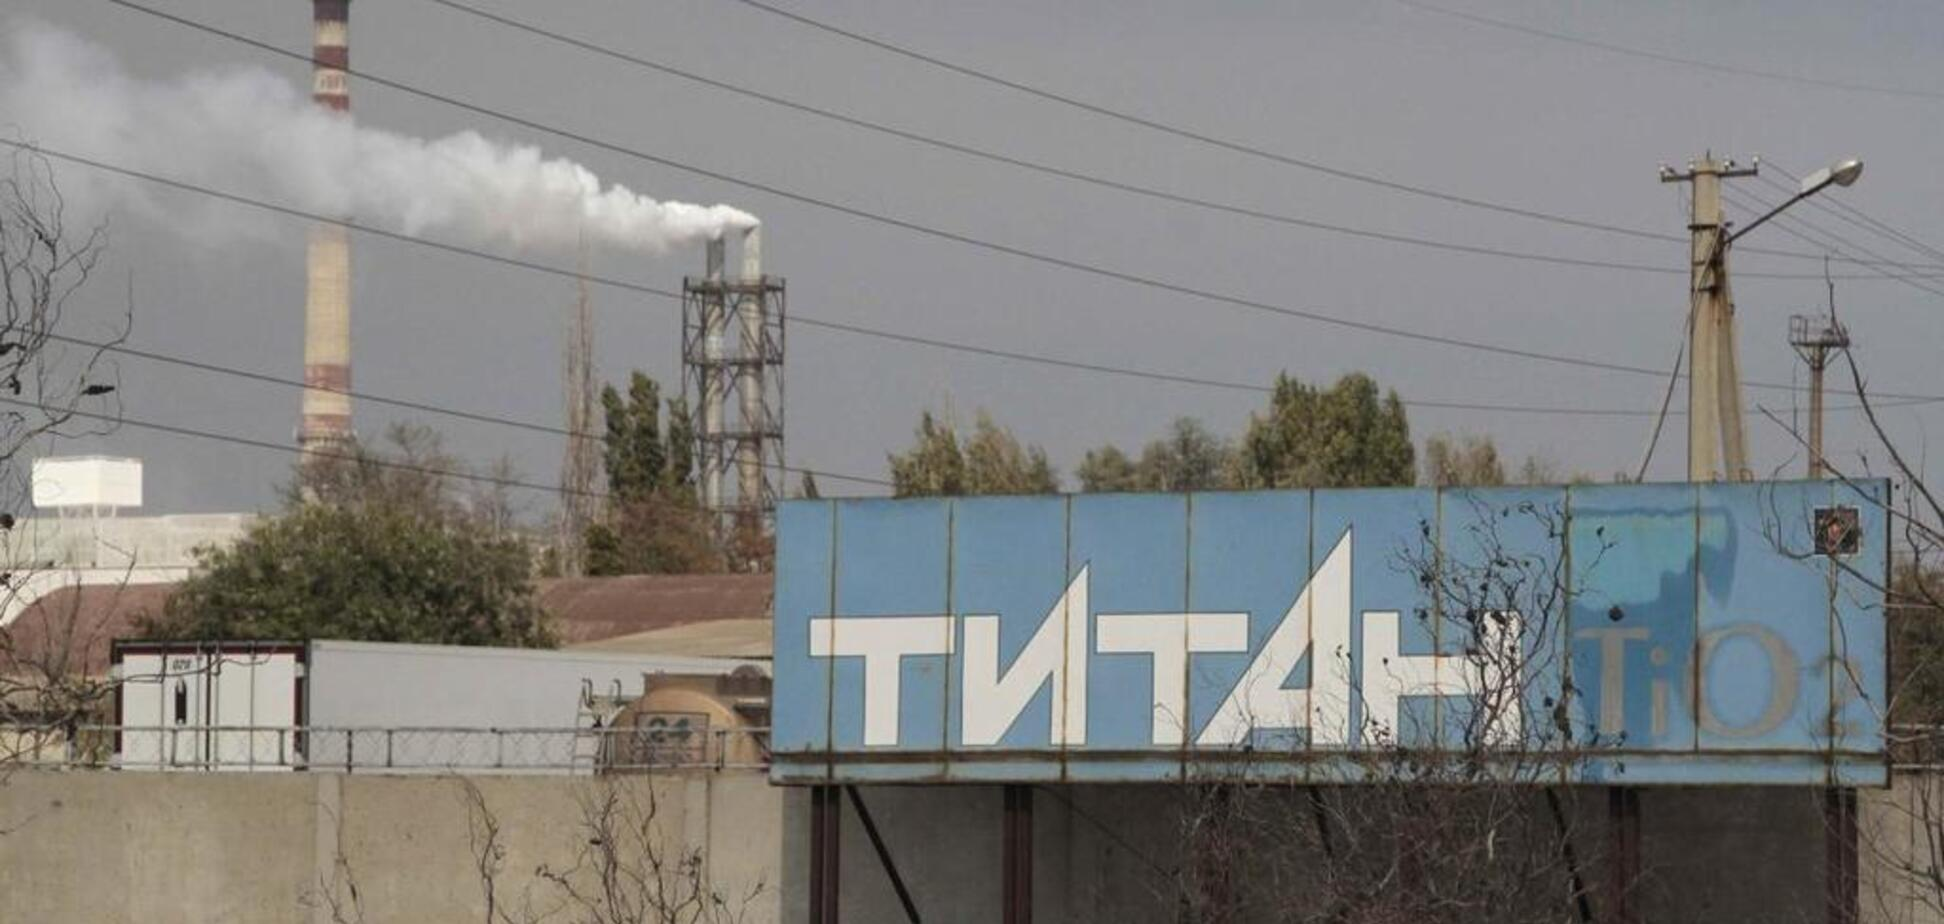 Детей вернули в зону 'химатаки' в Крыму: эколог забила тревогу